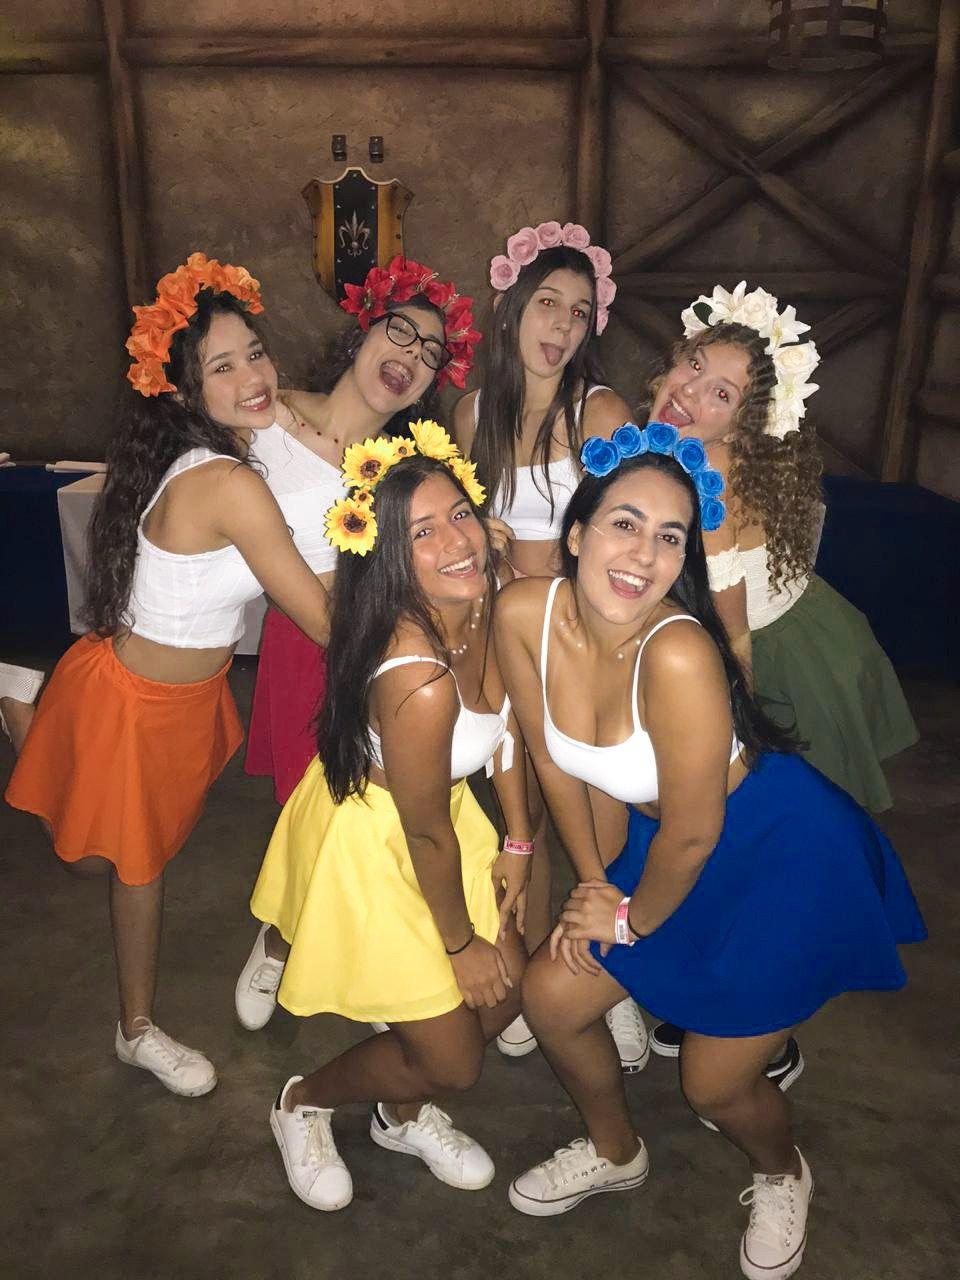 fantasia de flor com amigas | Cute group halloween costumes, Cute halloween  costumes, Halloween costume outfits